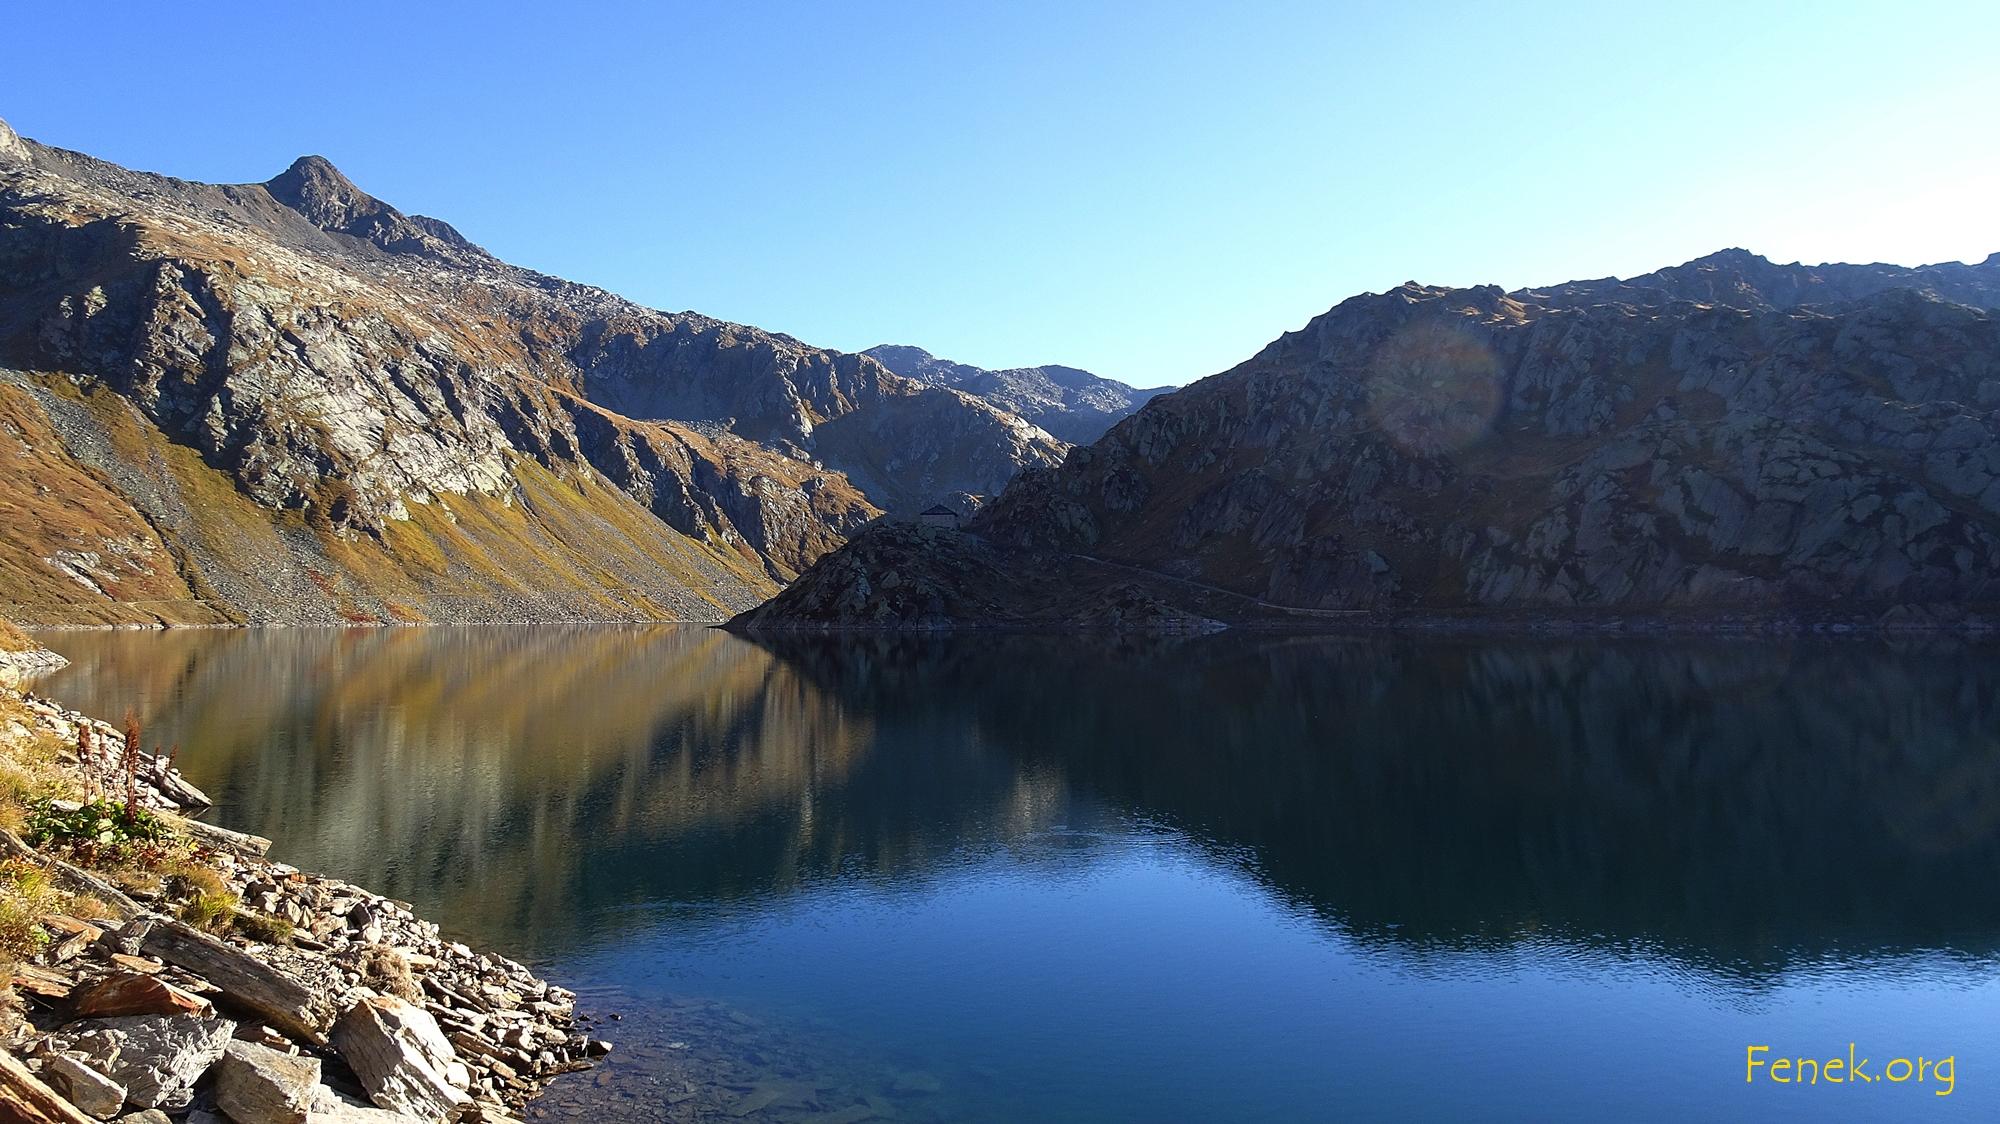 Der Lago della Sella - links oben ist der Gamsspitz zu sehen